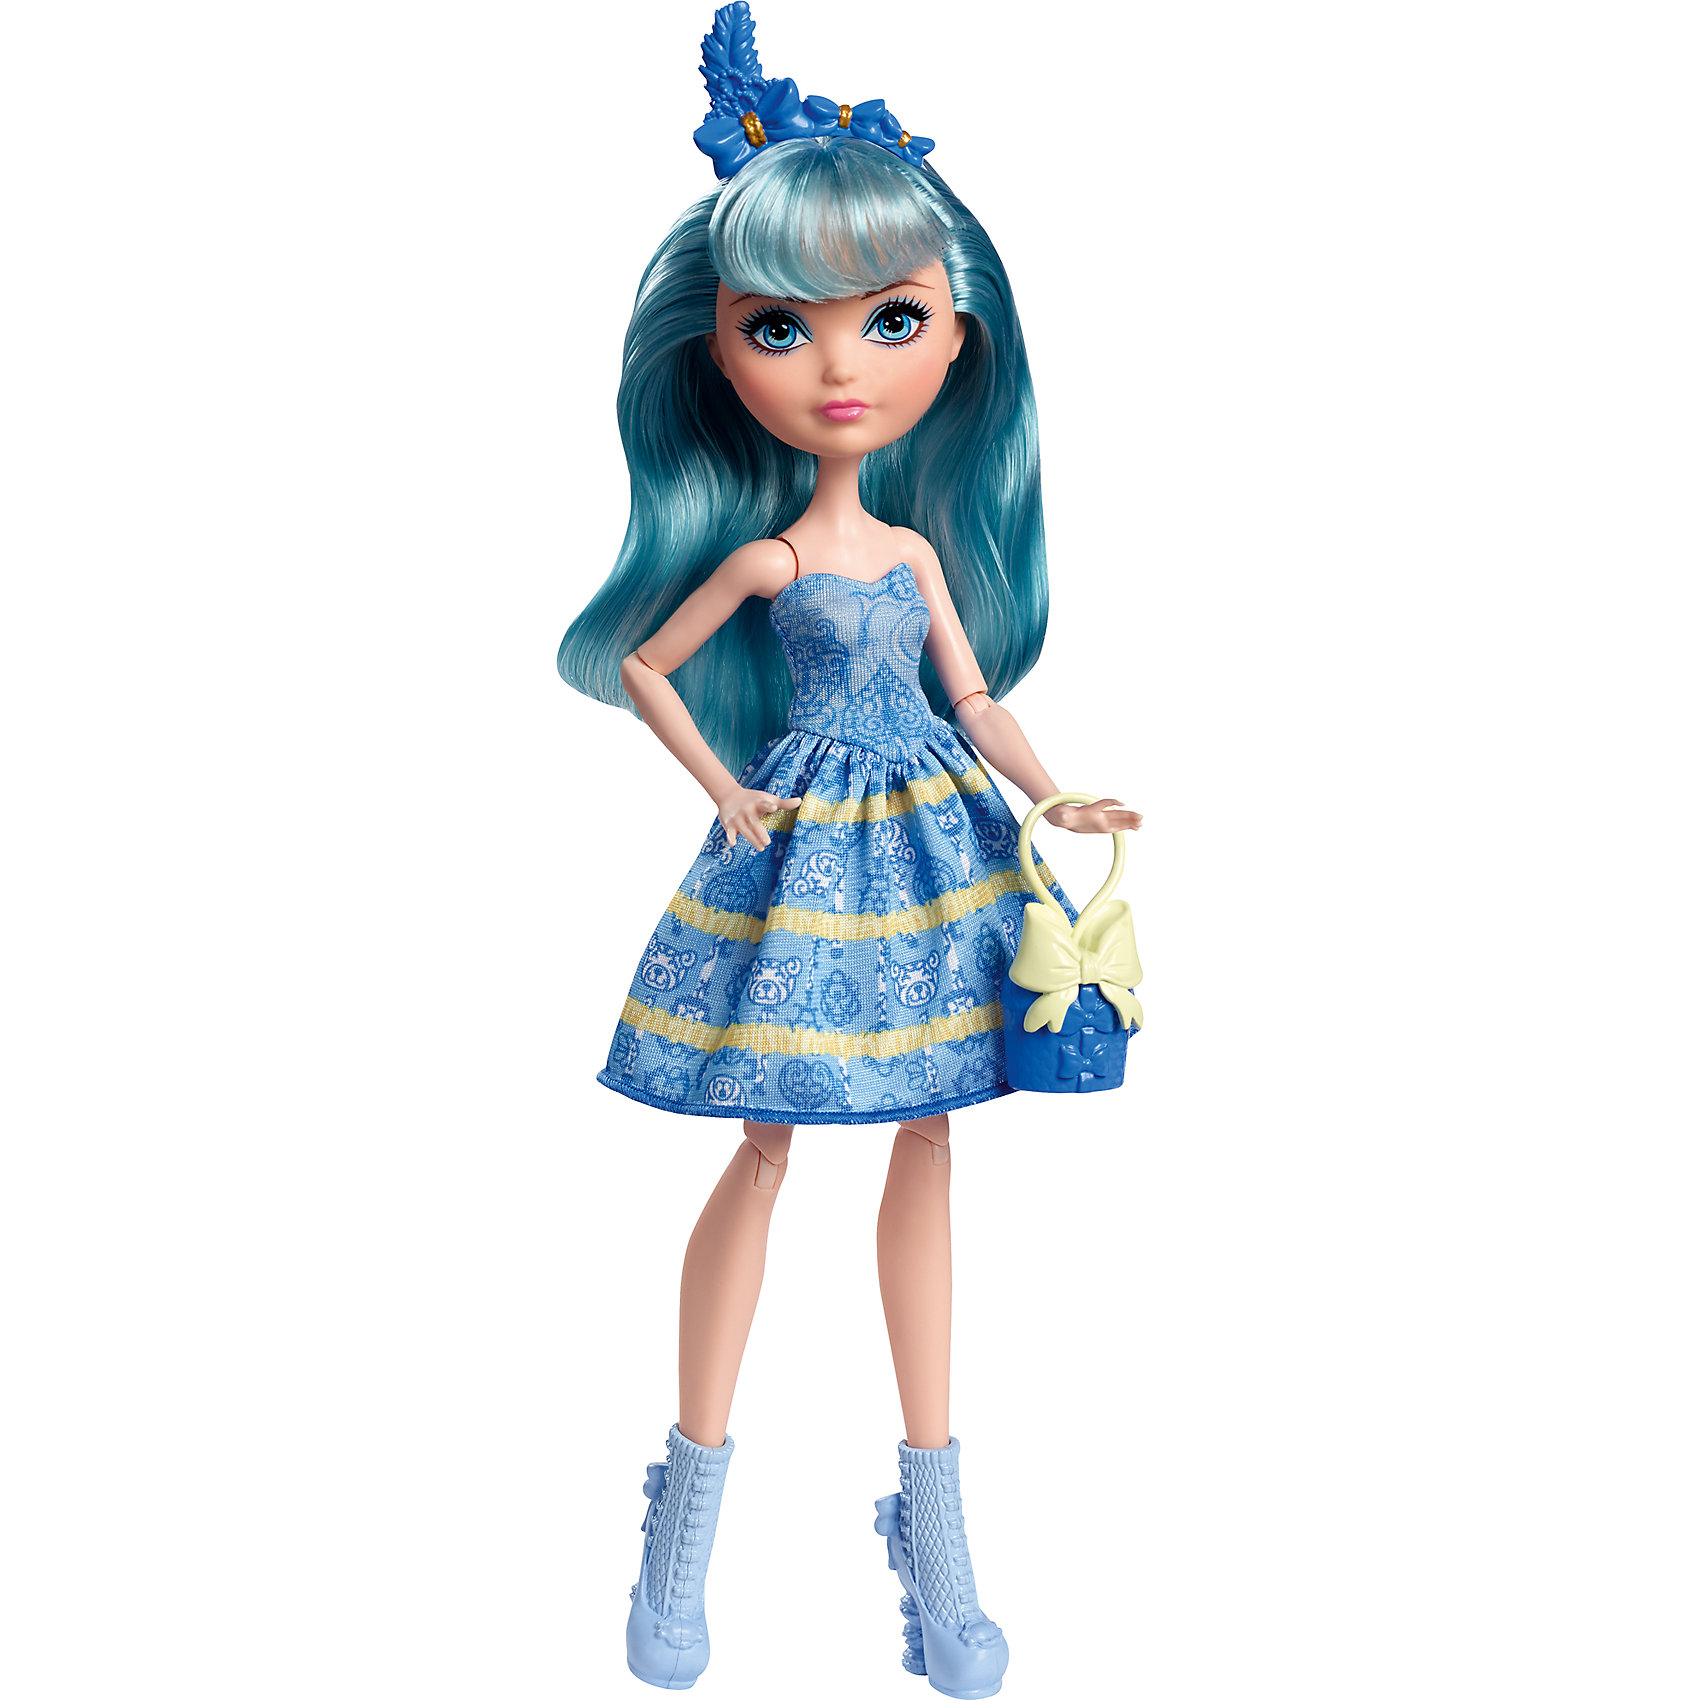 Mattel Кукла Блонди Локс из серии Именинный бал, Ever After High mattel набор блестящий вихрь из серии заколдованная зима кукла кристал винтер ever after high